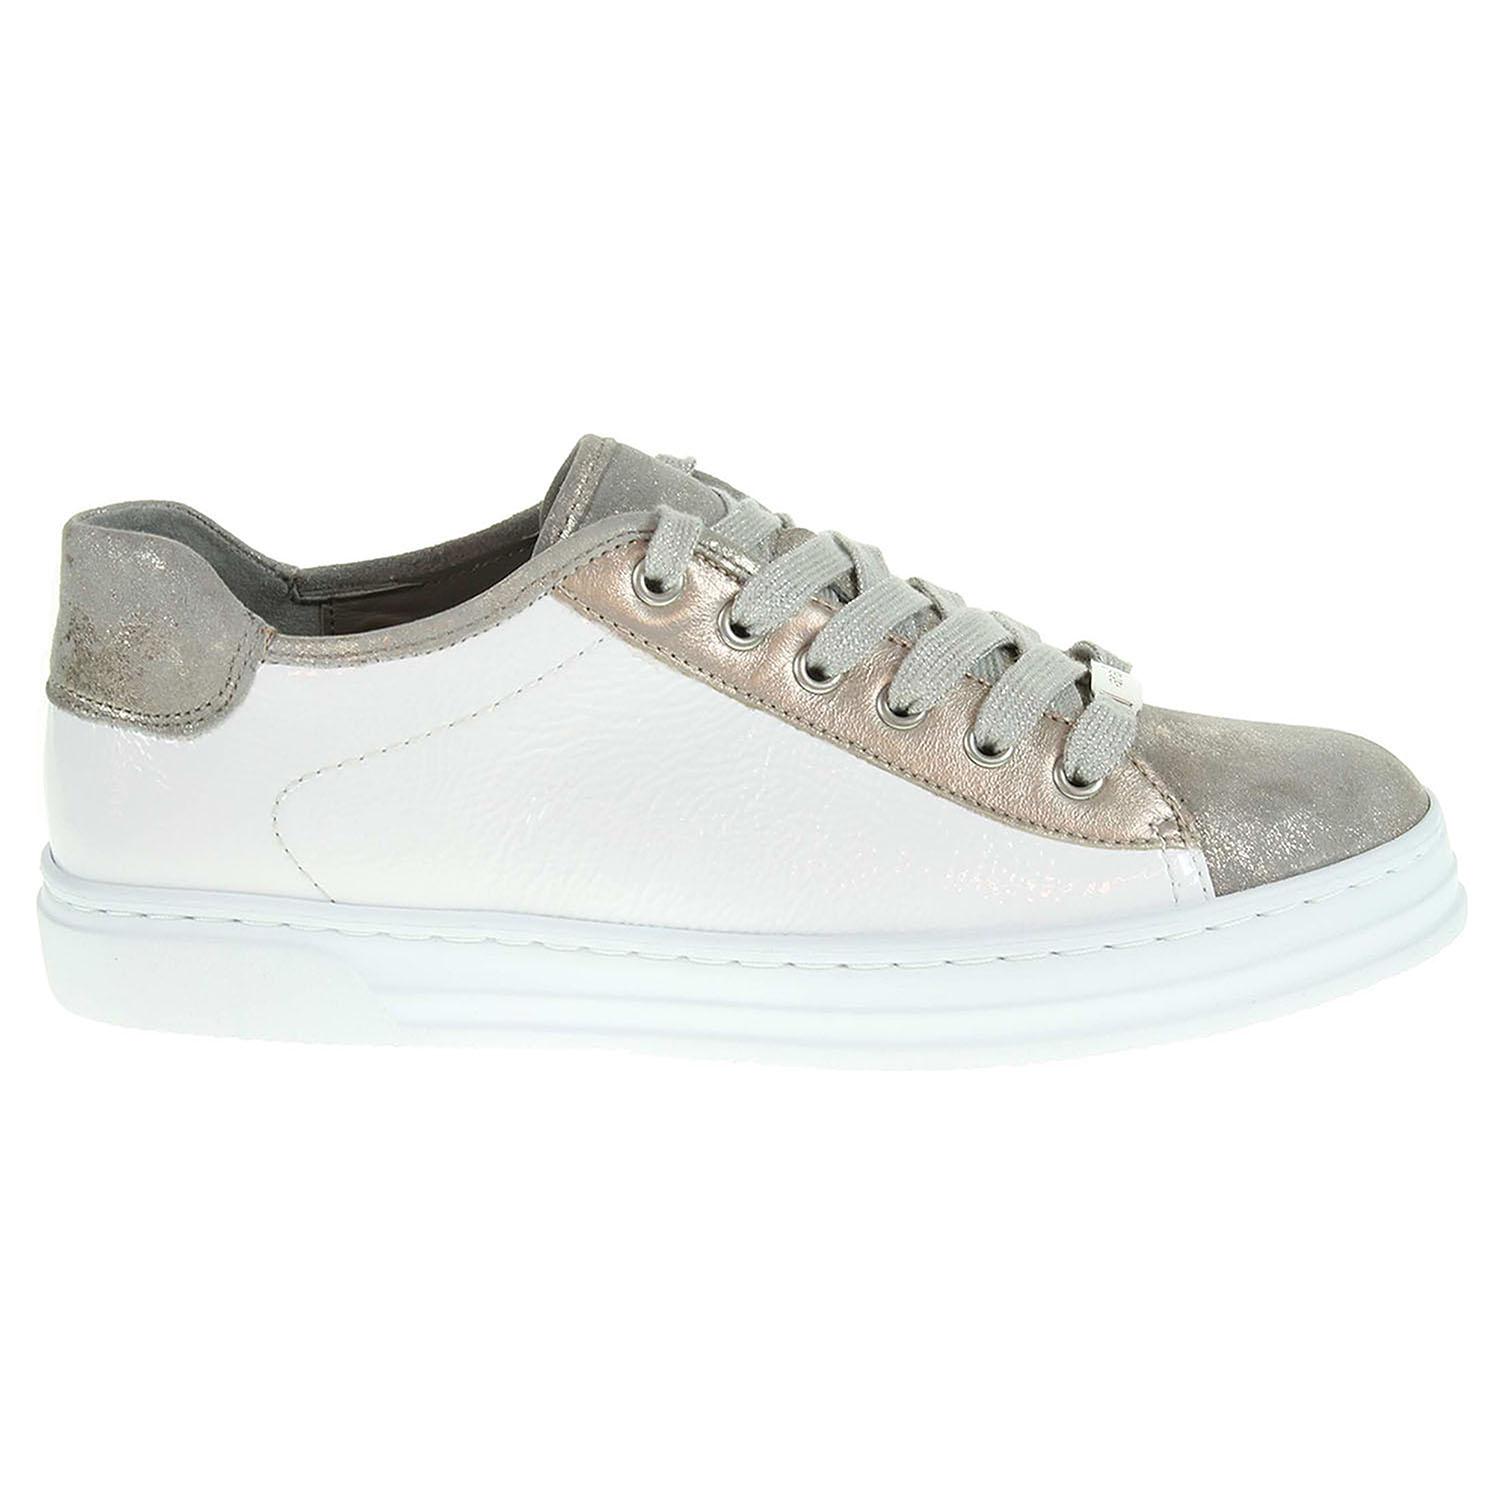 Ecco Ara dámská obuv 37455-12 bílá-platina 23200618